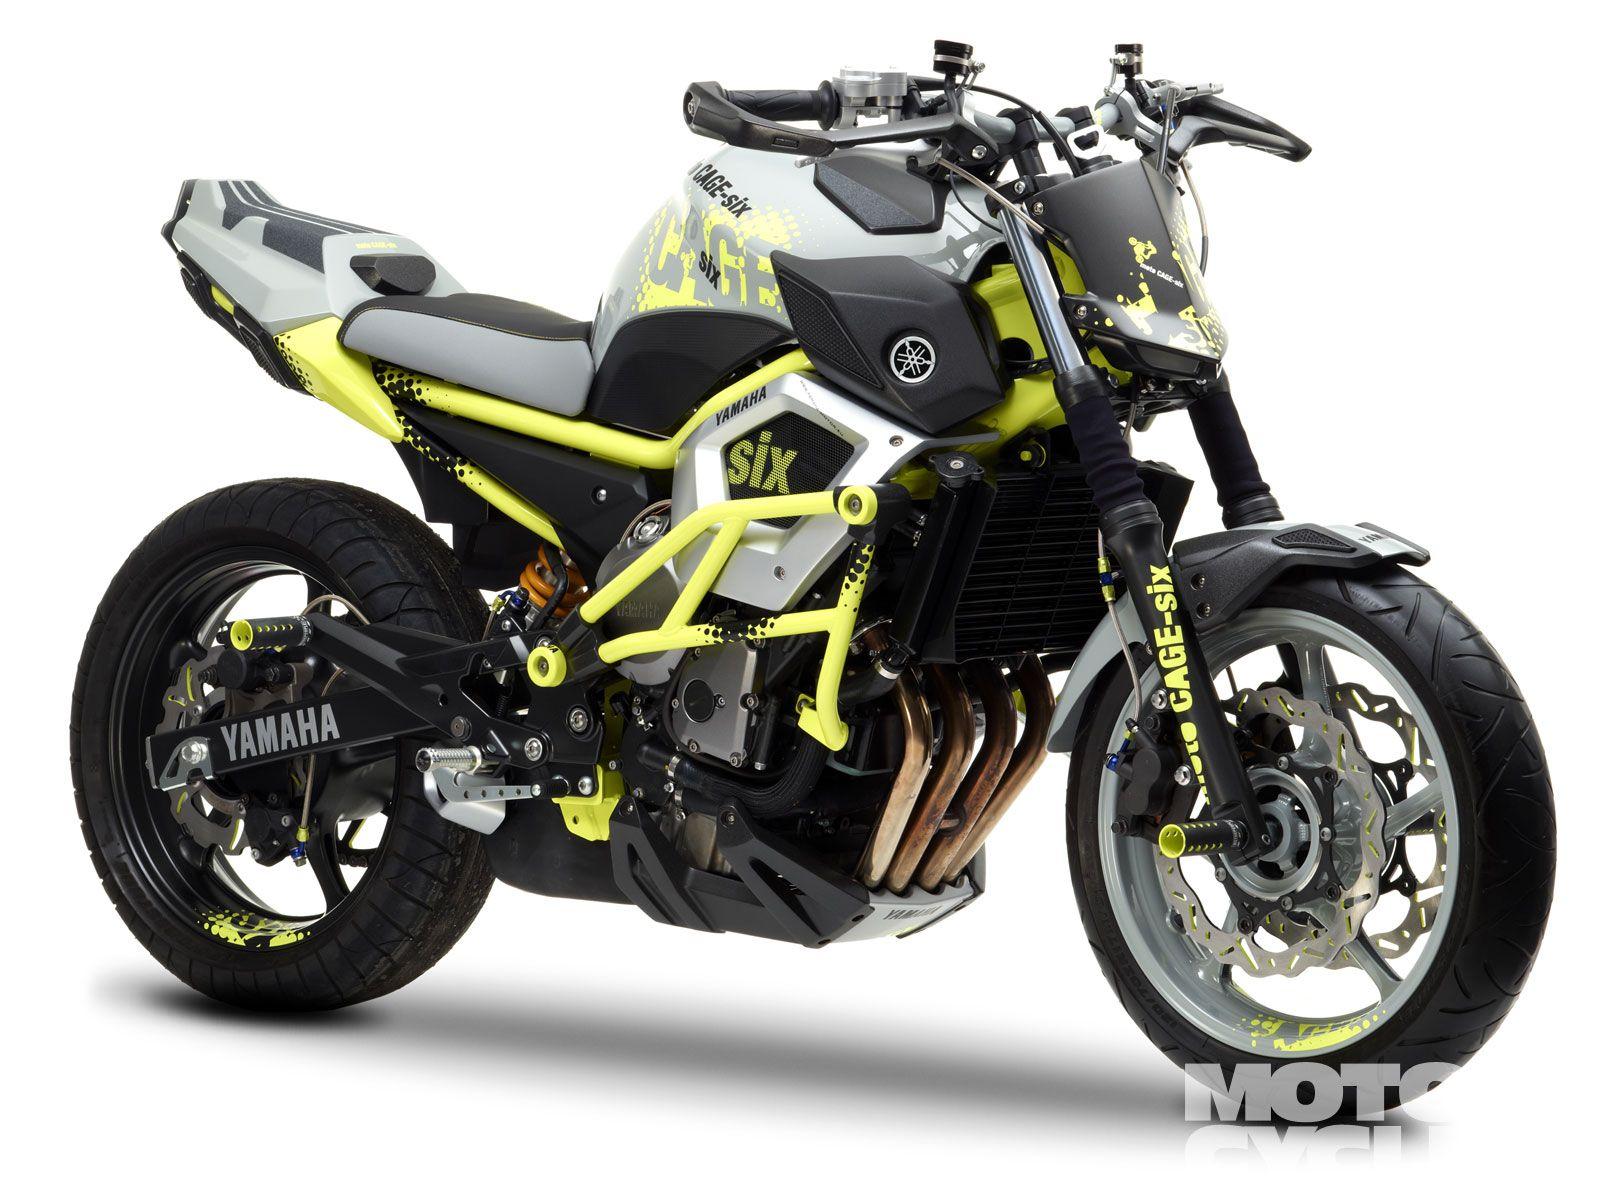 yamaha motorcycle concepts prototype Google zoeken